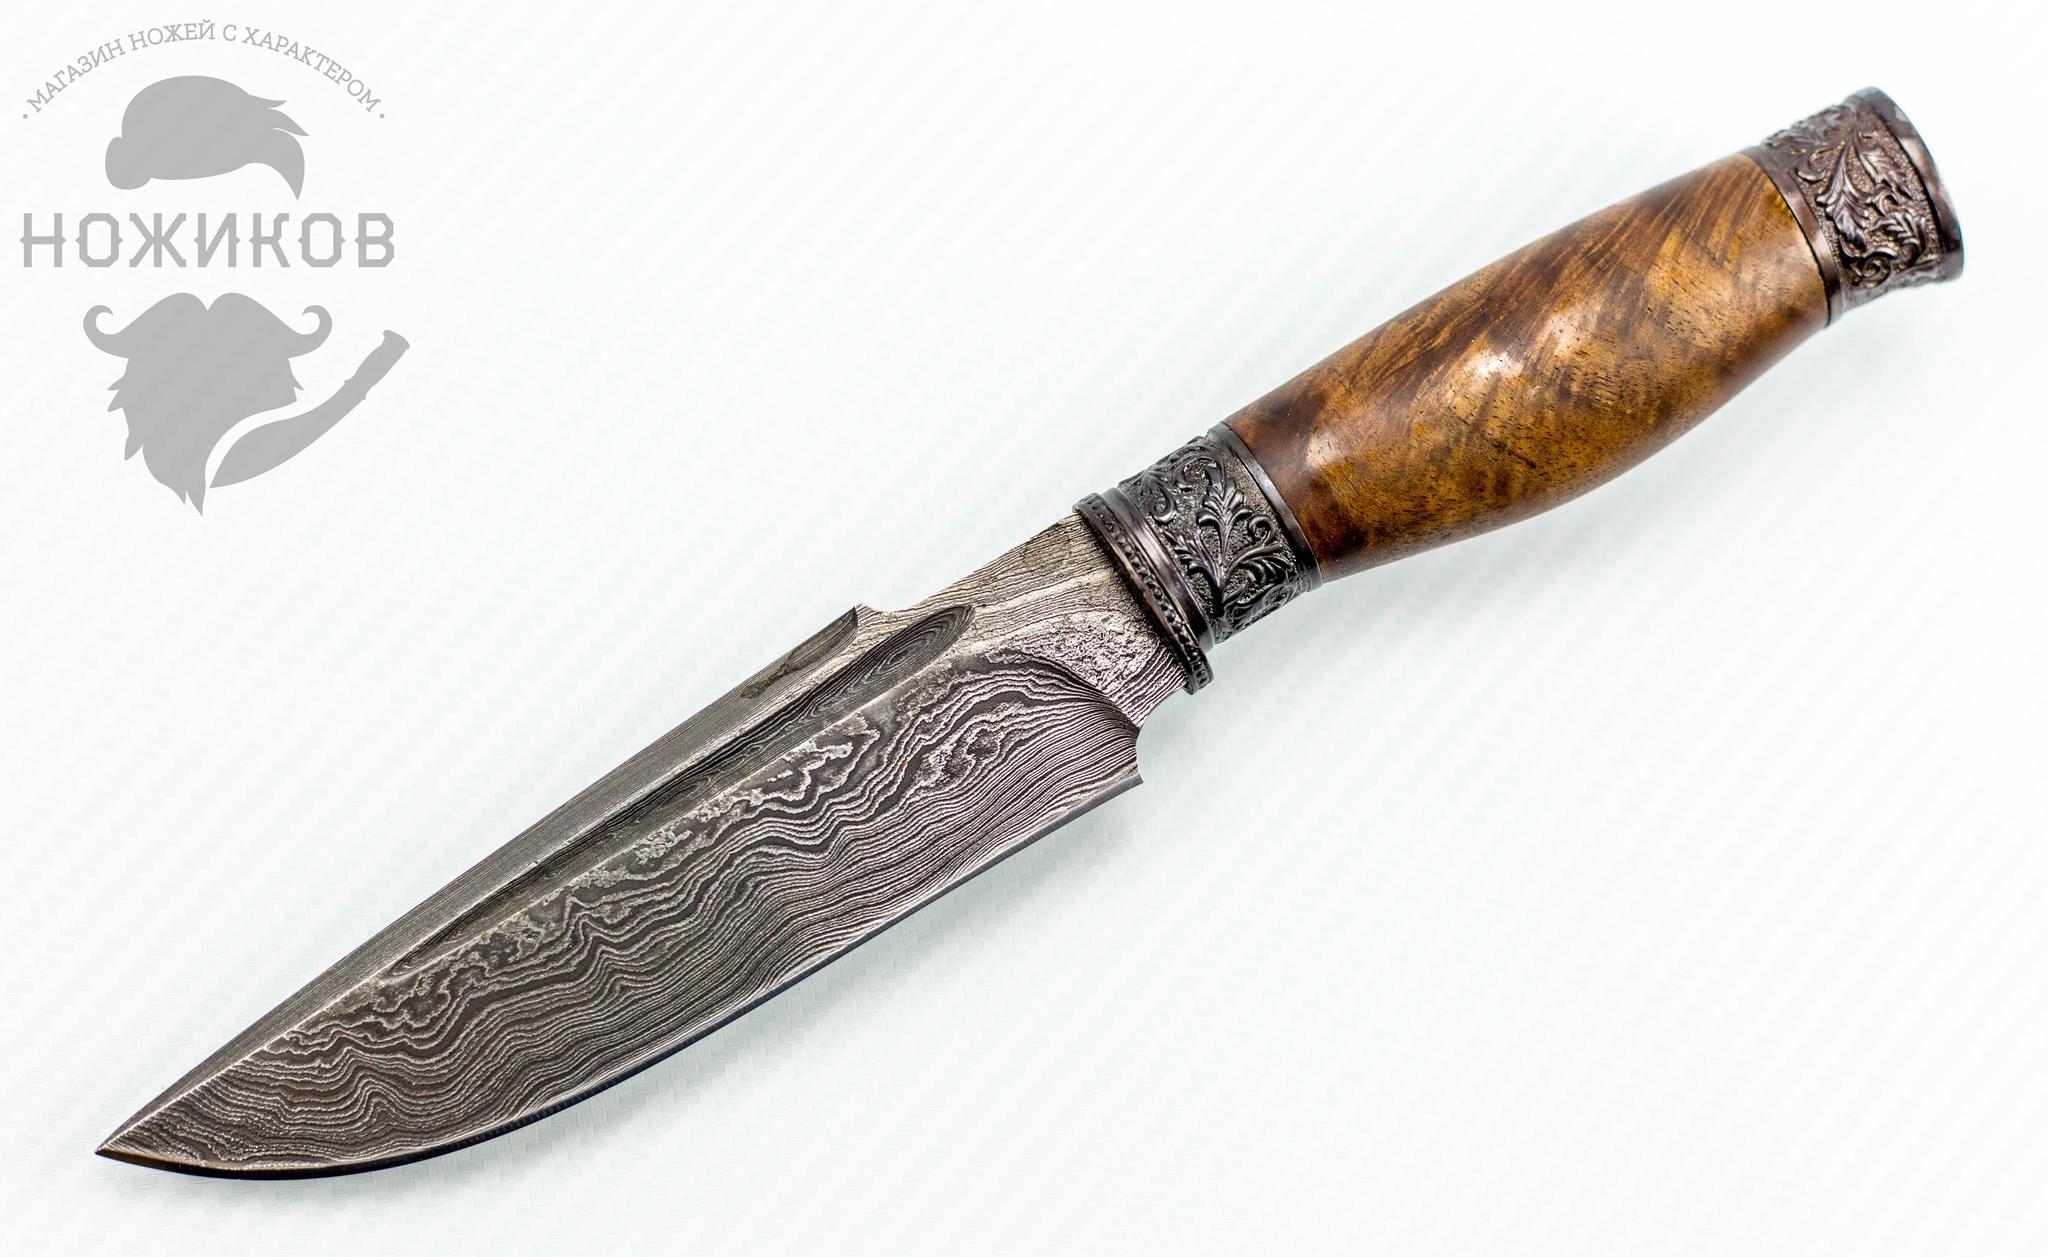 Авторский Нож из Дамаска №62, Кизляр авторский нож из дамаска 11 кизляр